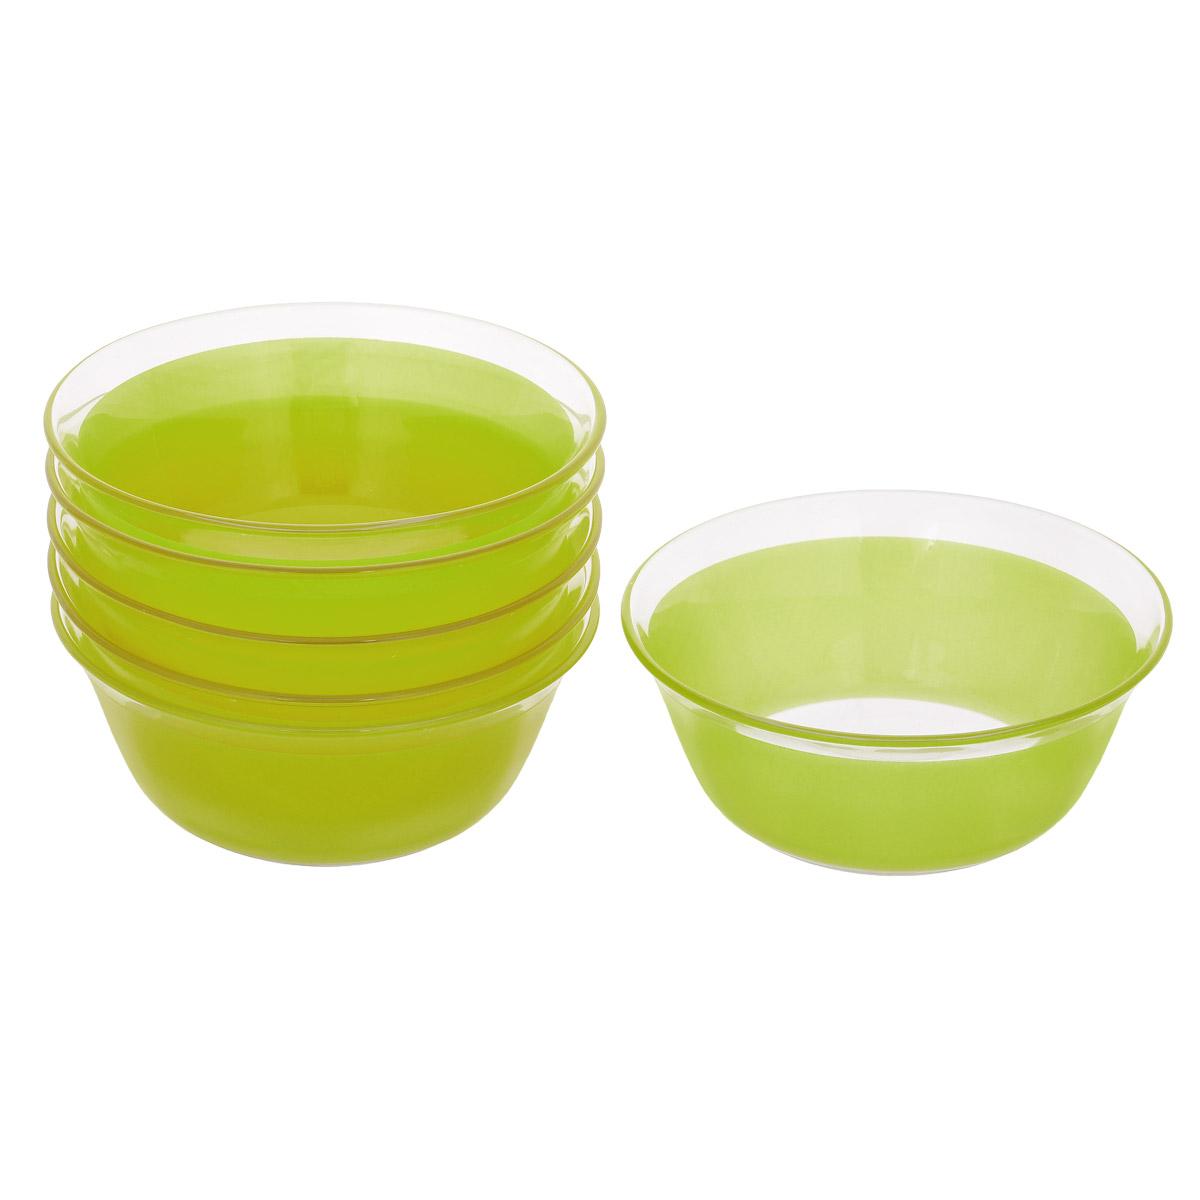 Набор салатников, цвет: зеленый, диаметр 12см, 6 шт. Кт FW50FW50-T0940-1Набор салатников, выполненный из стекла, будет уместен на любой кухне и понравится каждой хозяйке. В набор входят шесть салатников, украшенных цветной полосой. Они сочетают в себе изысканный дизайн с максимальной функциональностью. Такой набор салатников придется по вкусу и ценителям классики, и тем, кто предпочитает утонченность и изящность.